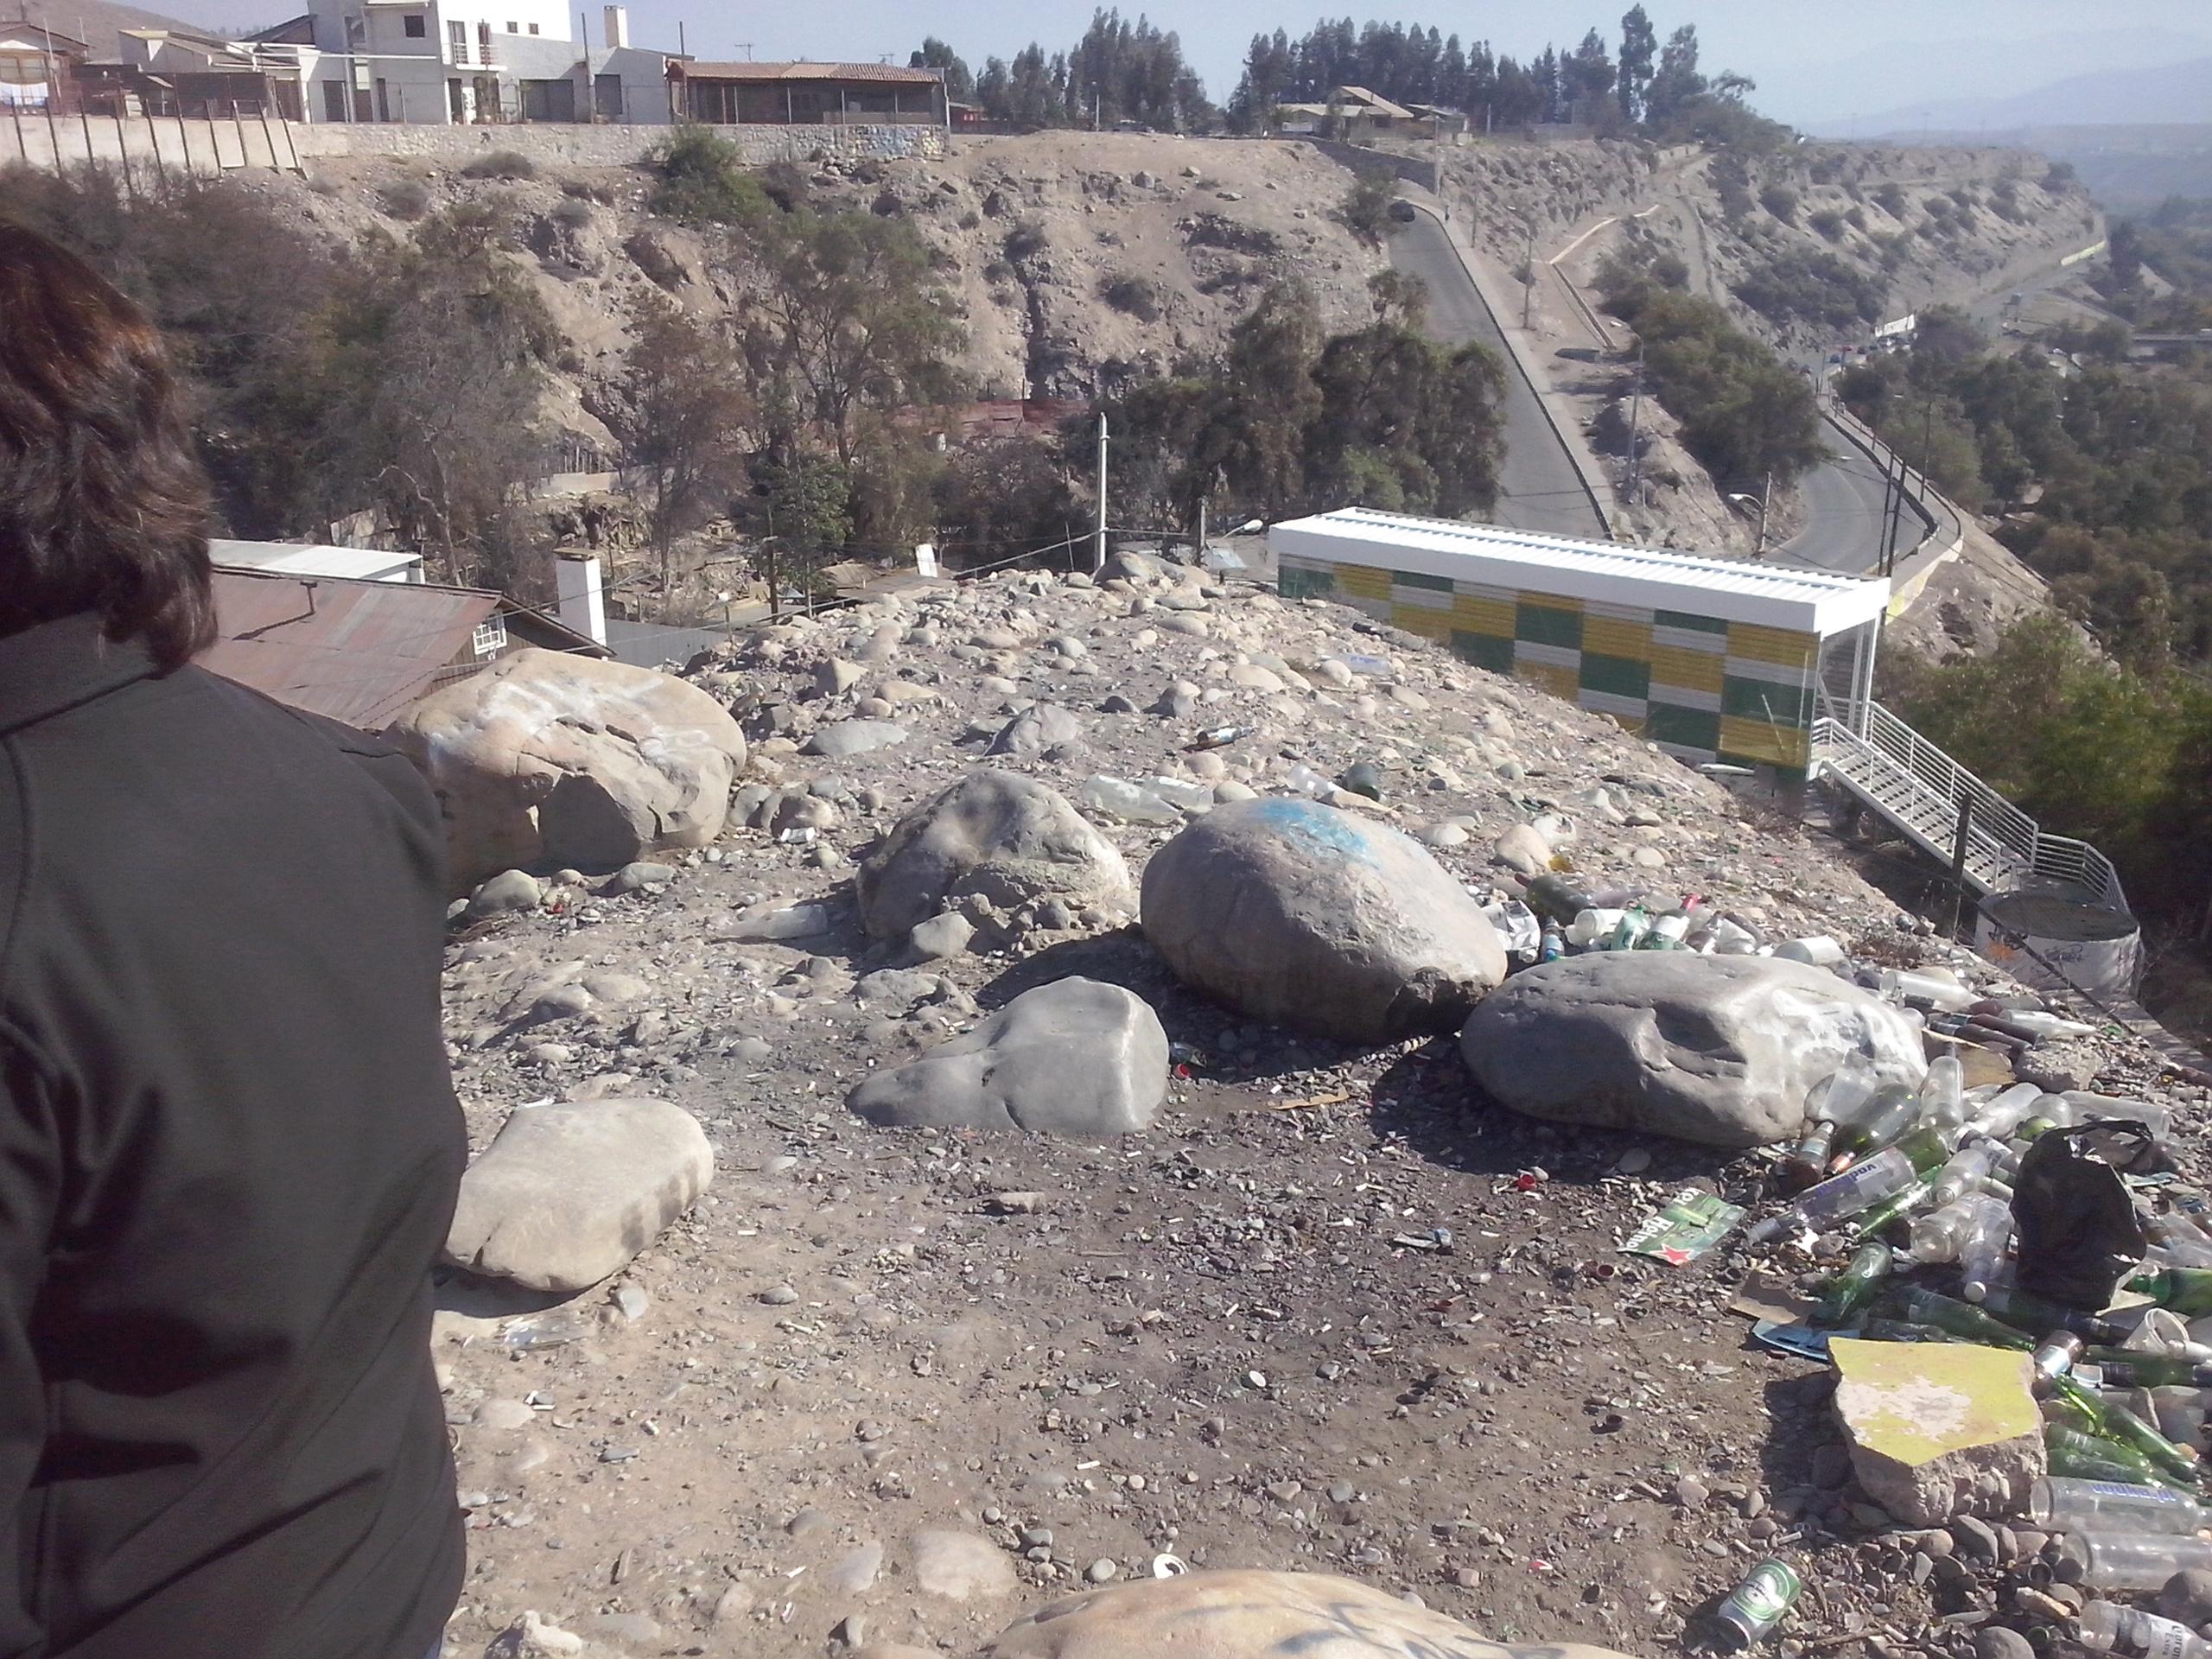 Municipio de Vallenar realiza operativos de limpieza en peligrosos focos de delincuencia nocturna